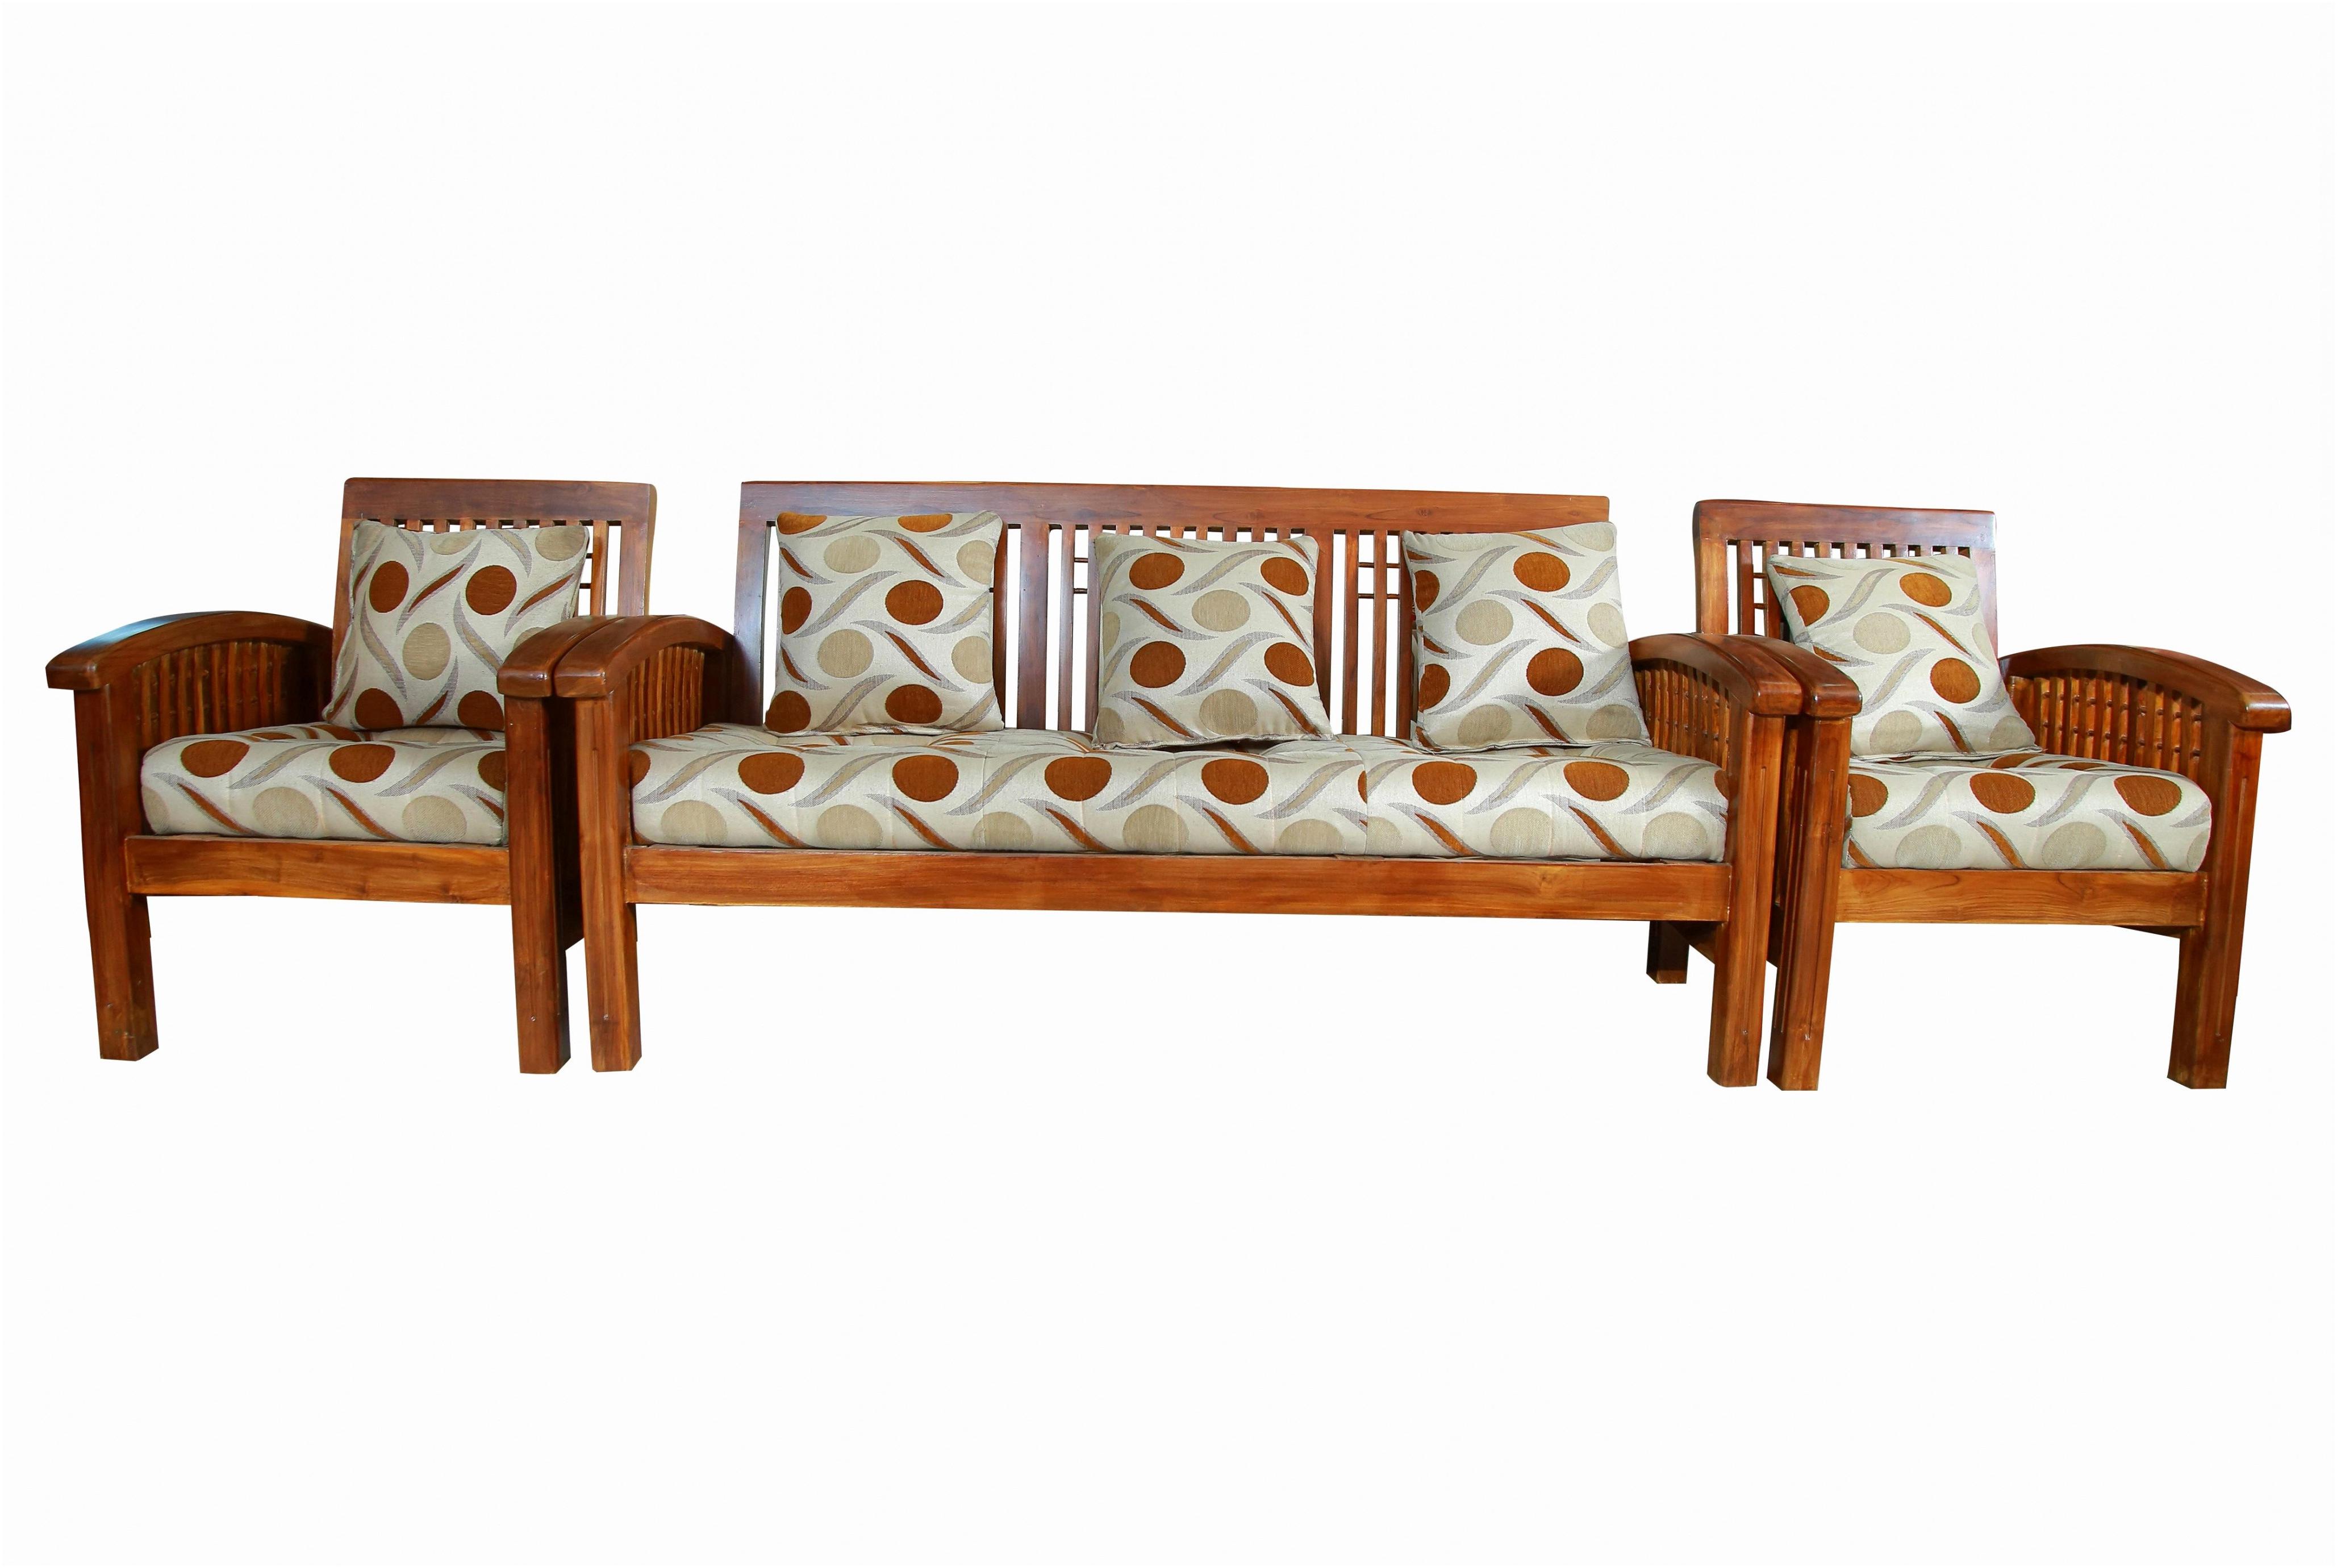 Fundas sofa Baratas Carrefour Zwd9 Fundas sofa Baratas Carrefour sofas Cama 3 Plazas Nuevo sofa Cama